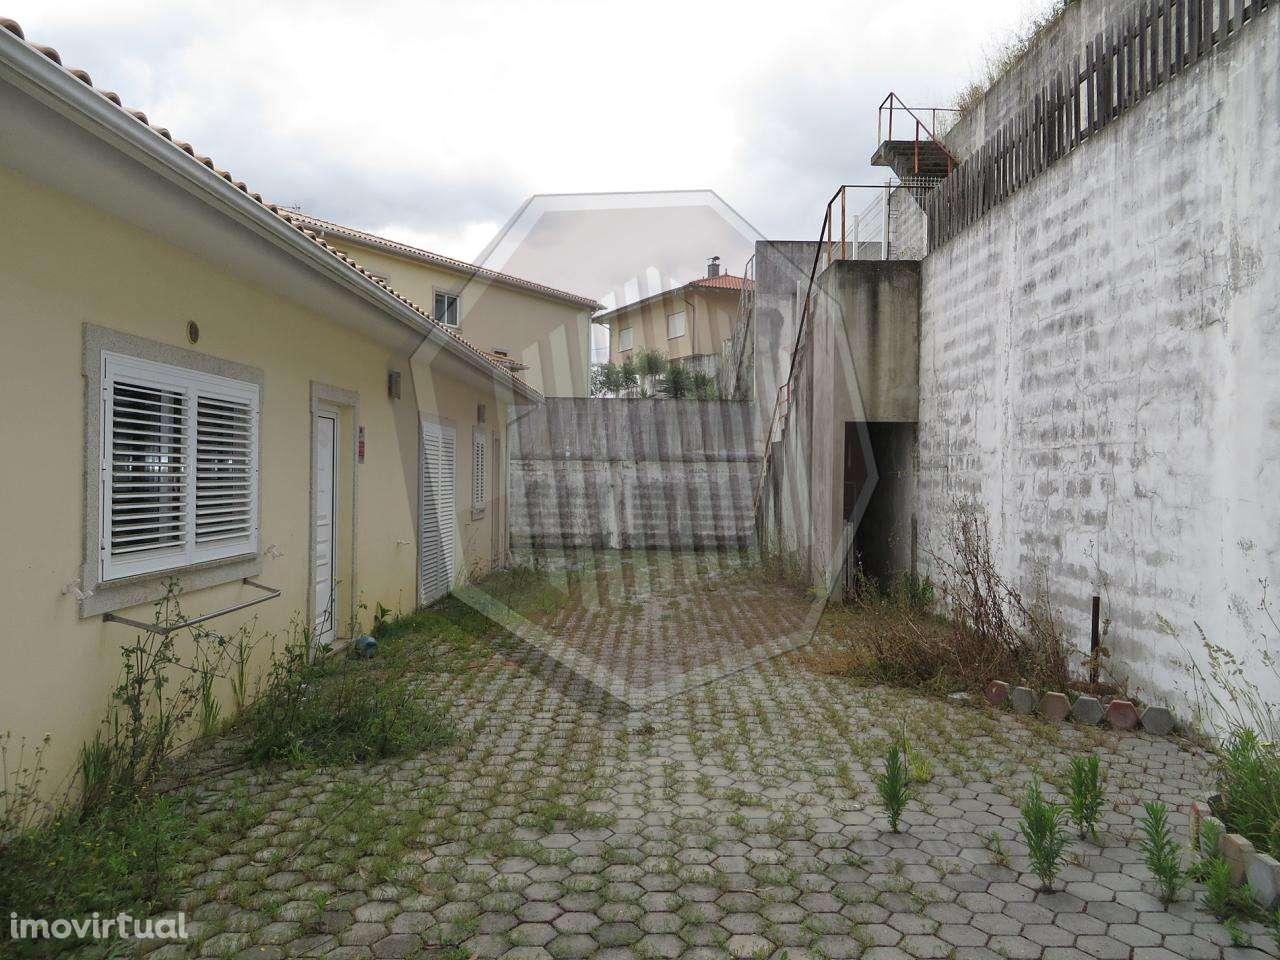 Moradia para comprar, Macinhata do Vouga, Aveiro - Foto 3